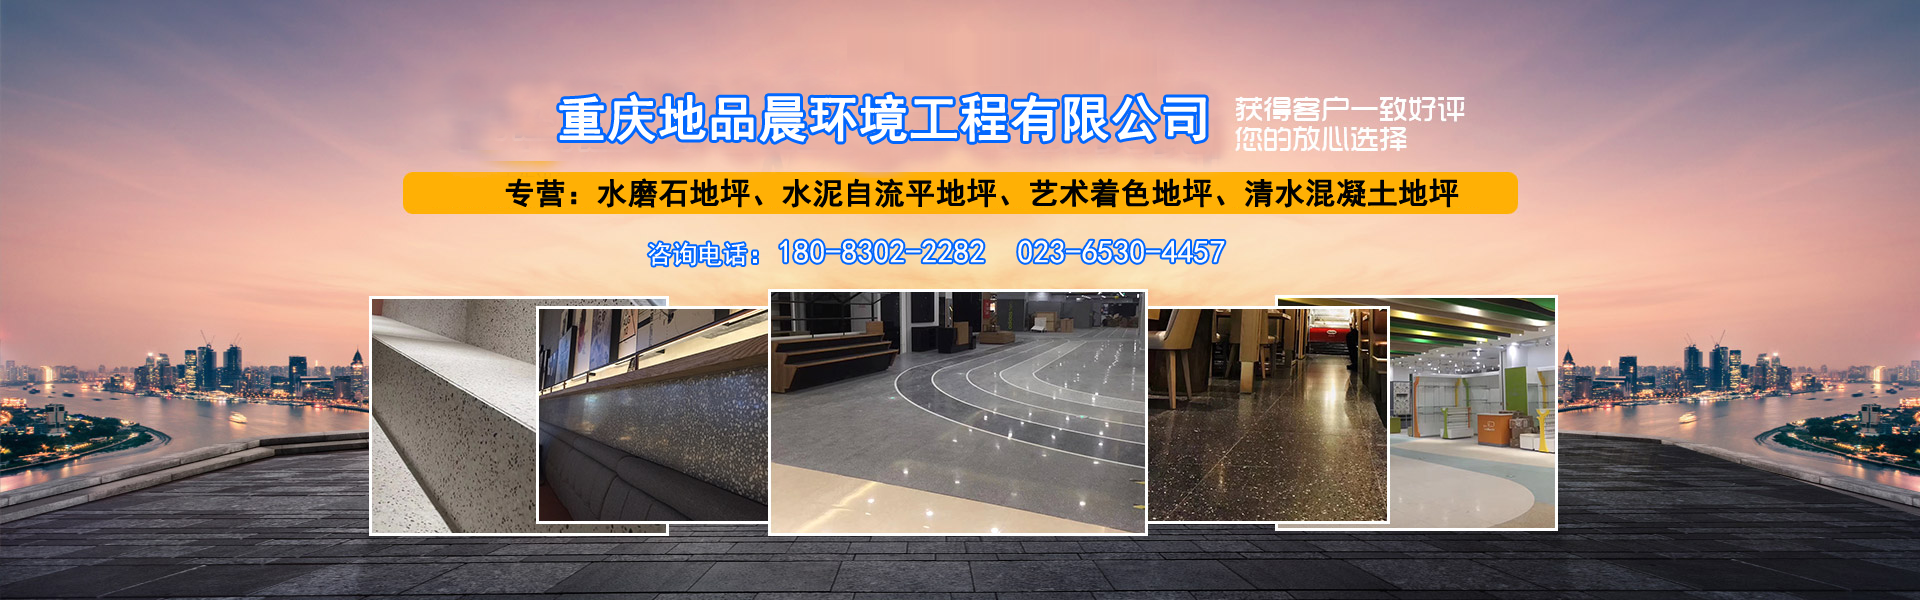 重庆狄品成环境工程专营:水磨石地坪、水泥自流平地坪、艺术着色地坪、清水混凝土地坪。